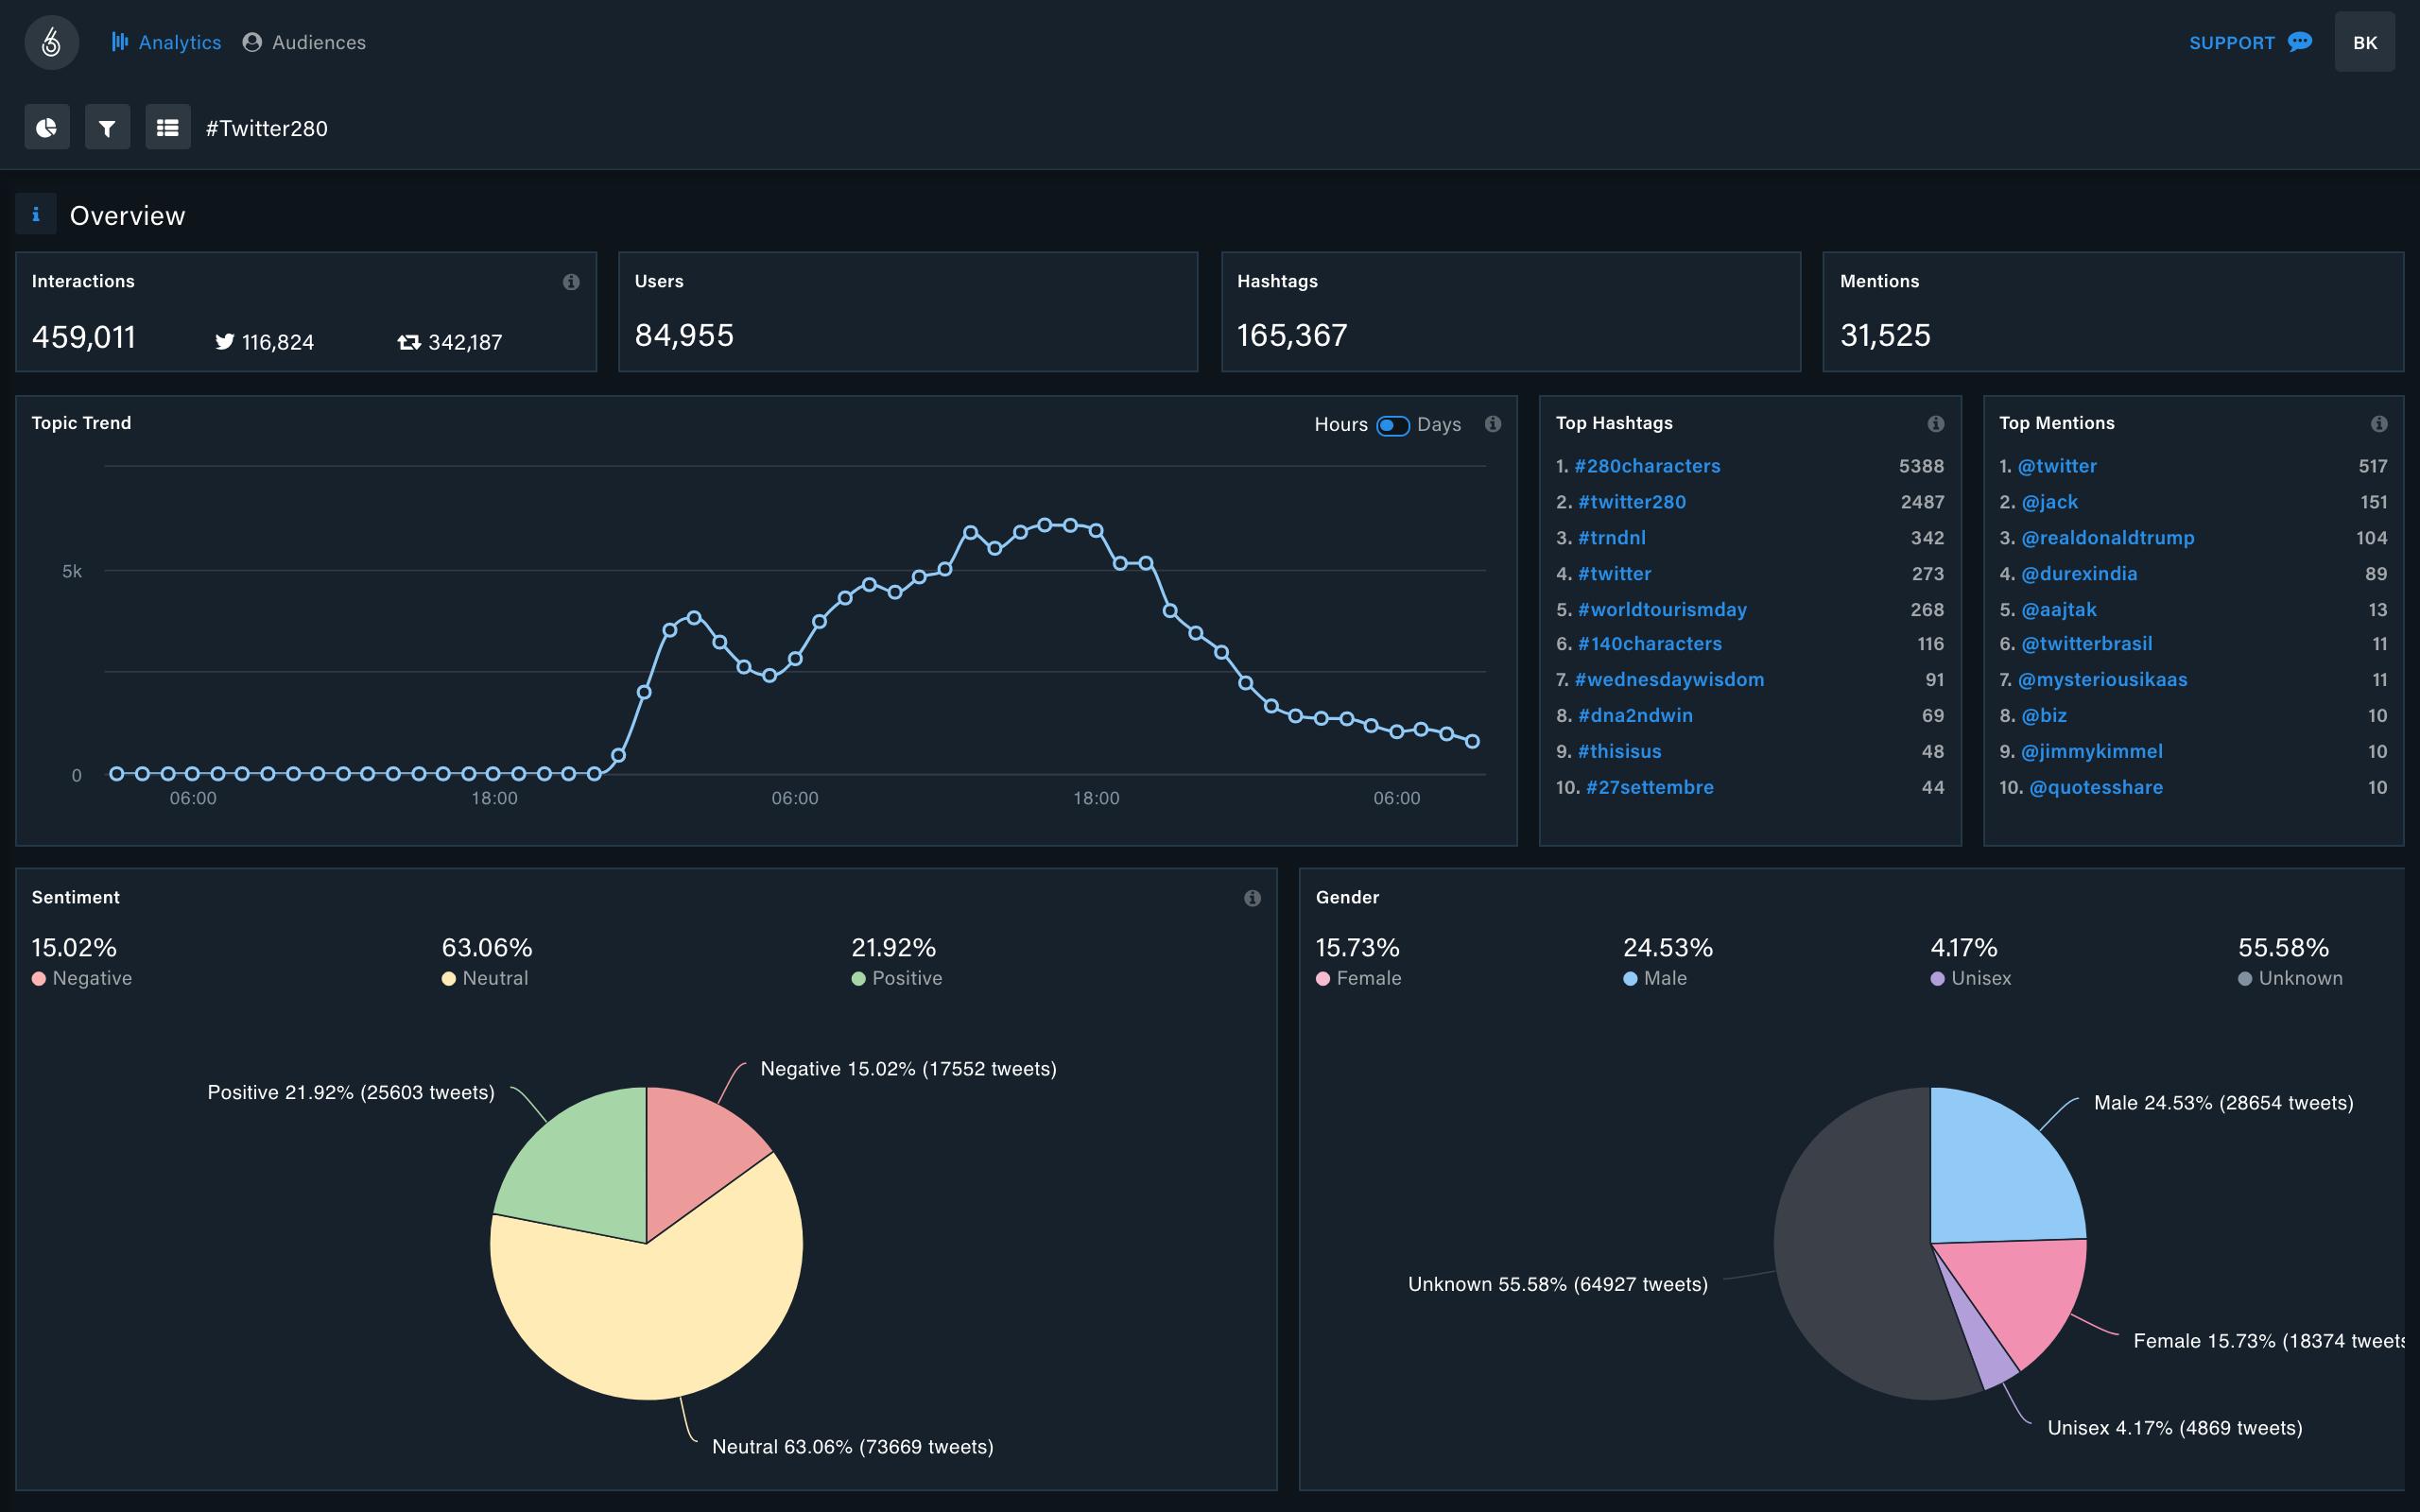 Immagine che mostra l'overview di Kpi6 nell'analisi sul passaggio di Twitter a 280 caratteri